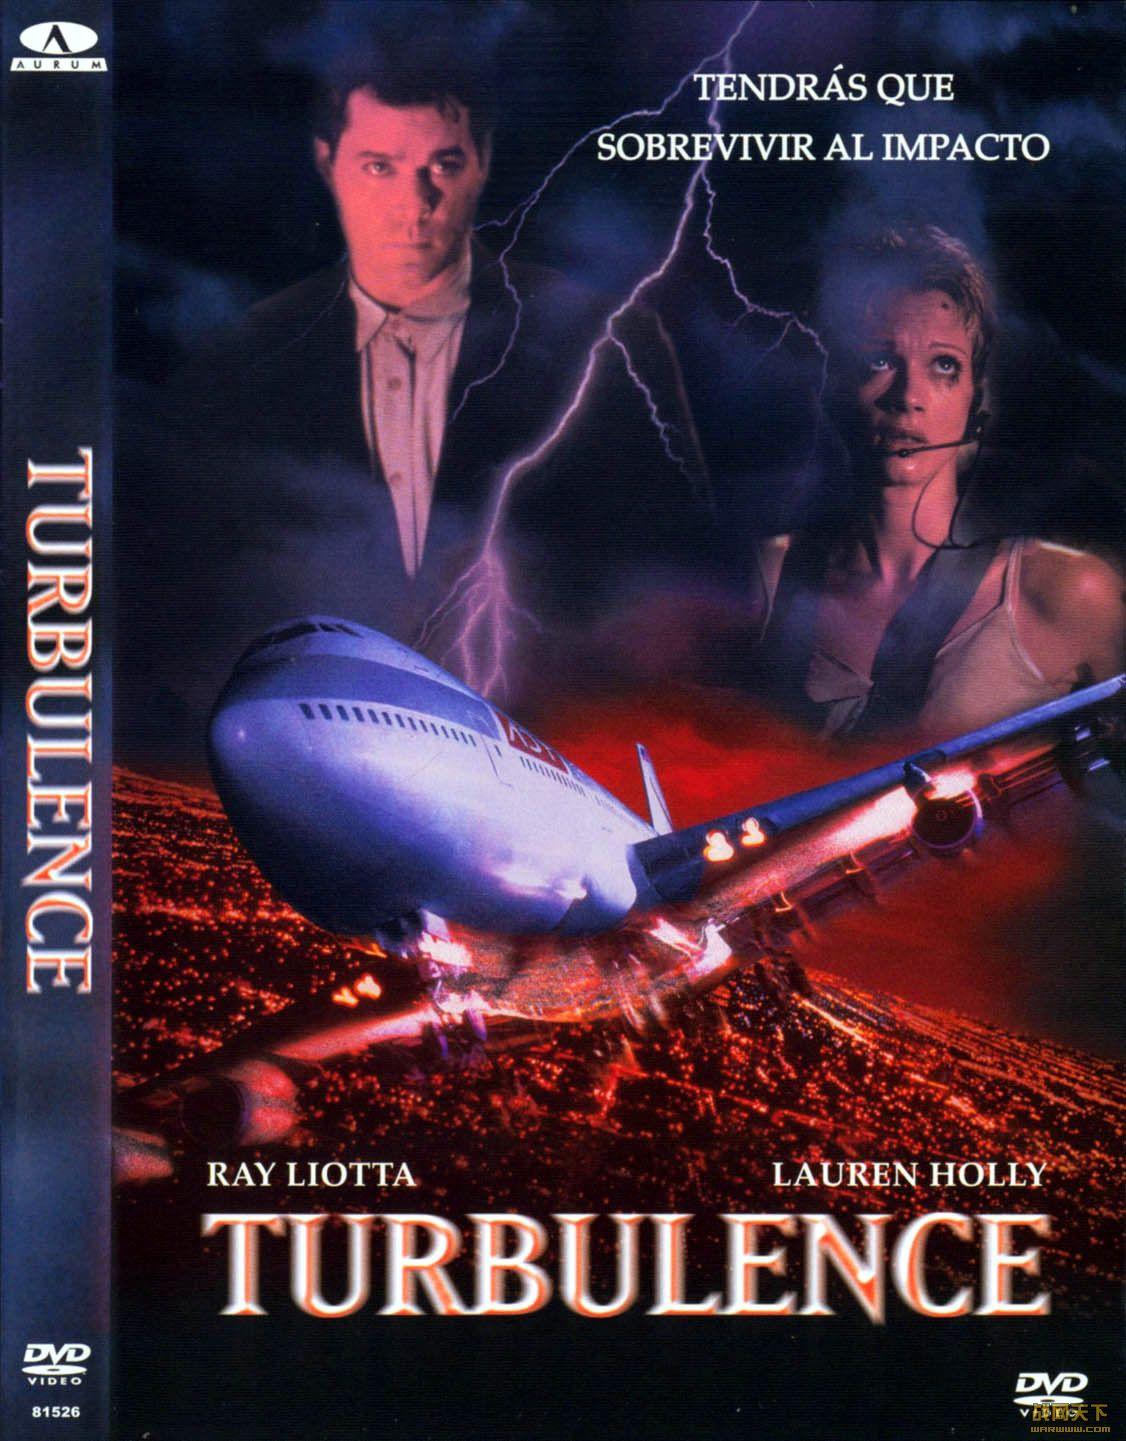 插翅难飞(Turbulence)海报